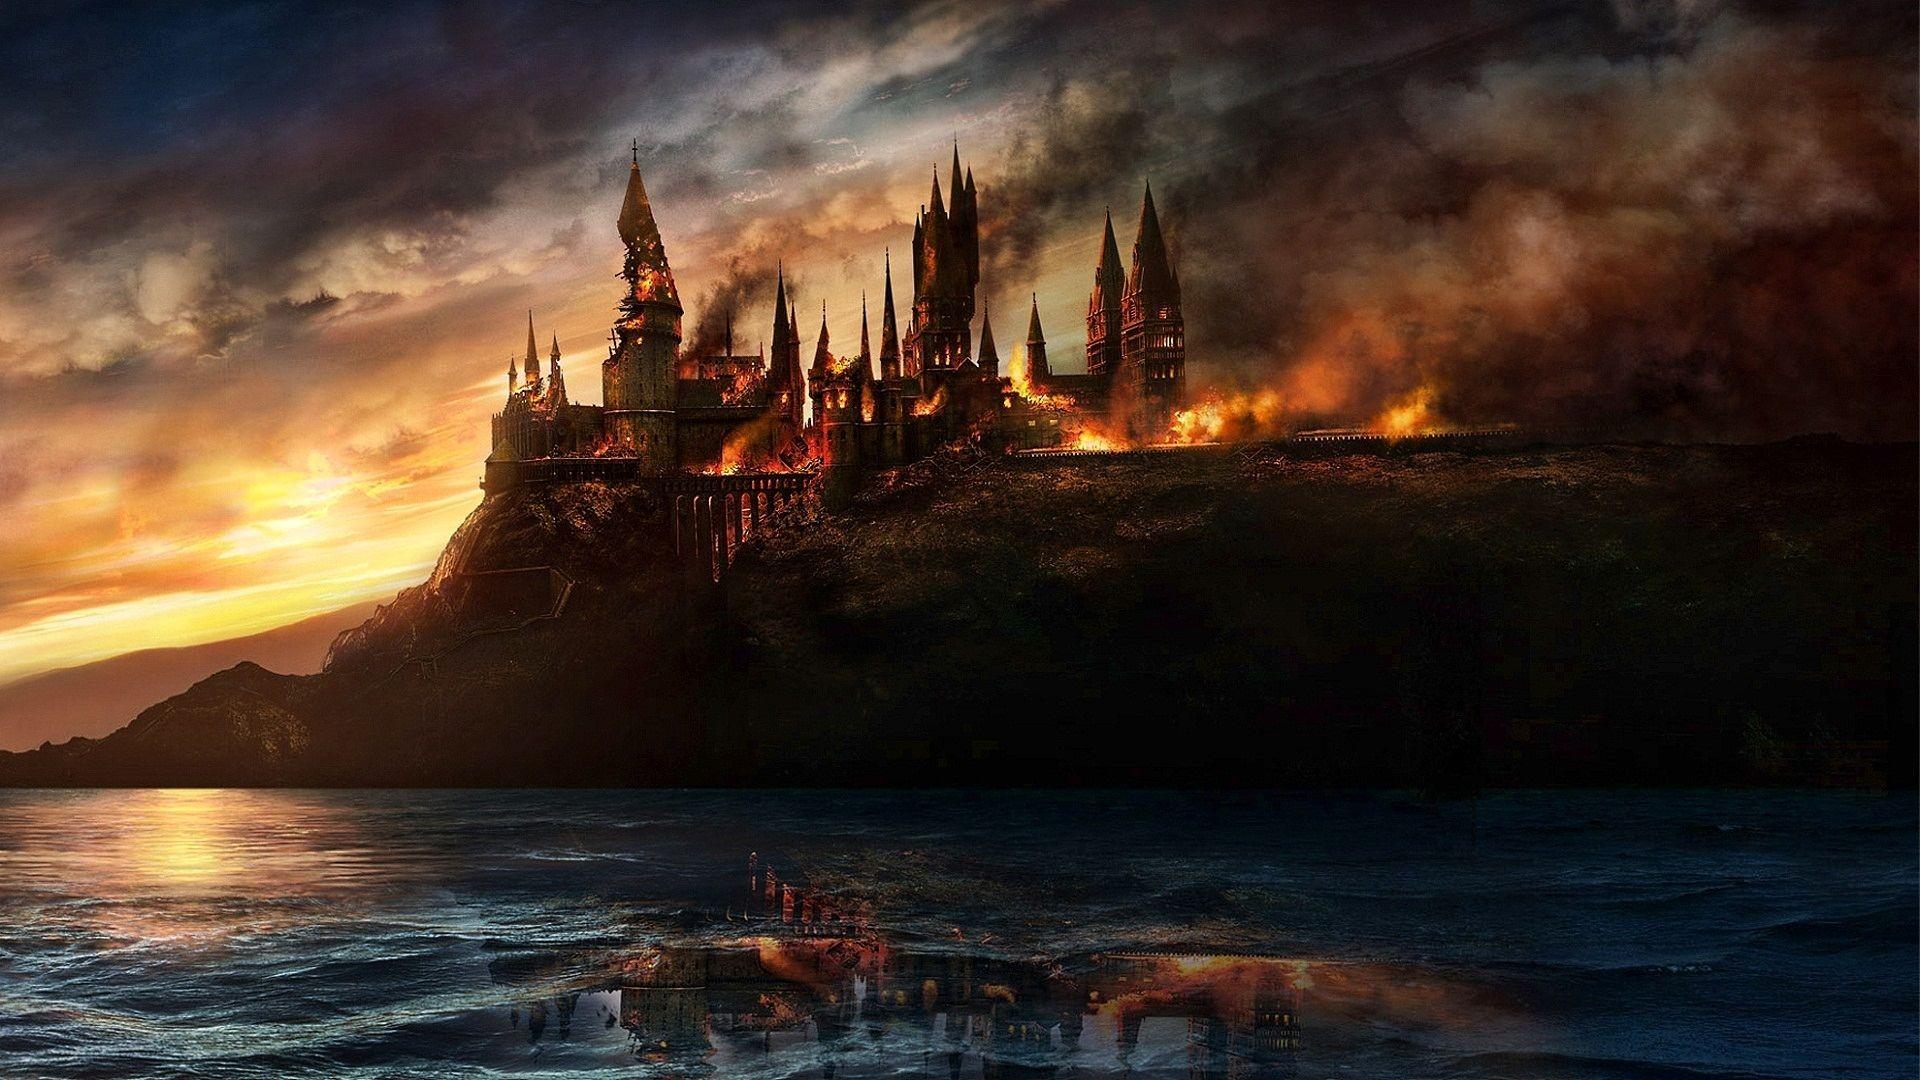 有什么好看的电影推荐_求霍格沃茨城堡的高清无水印图_百度知道